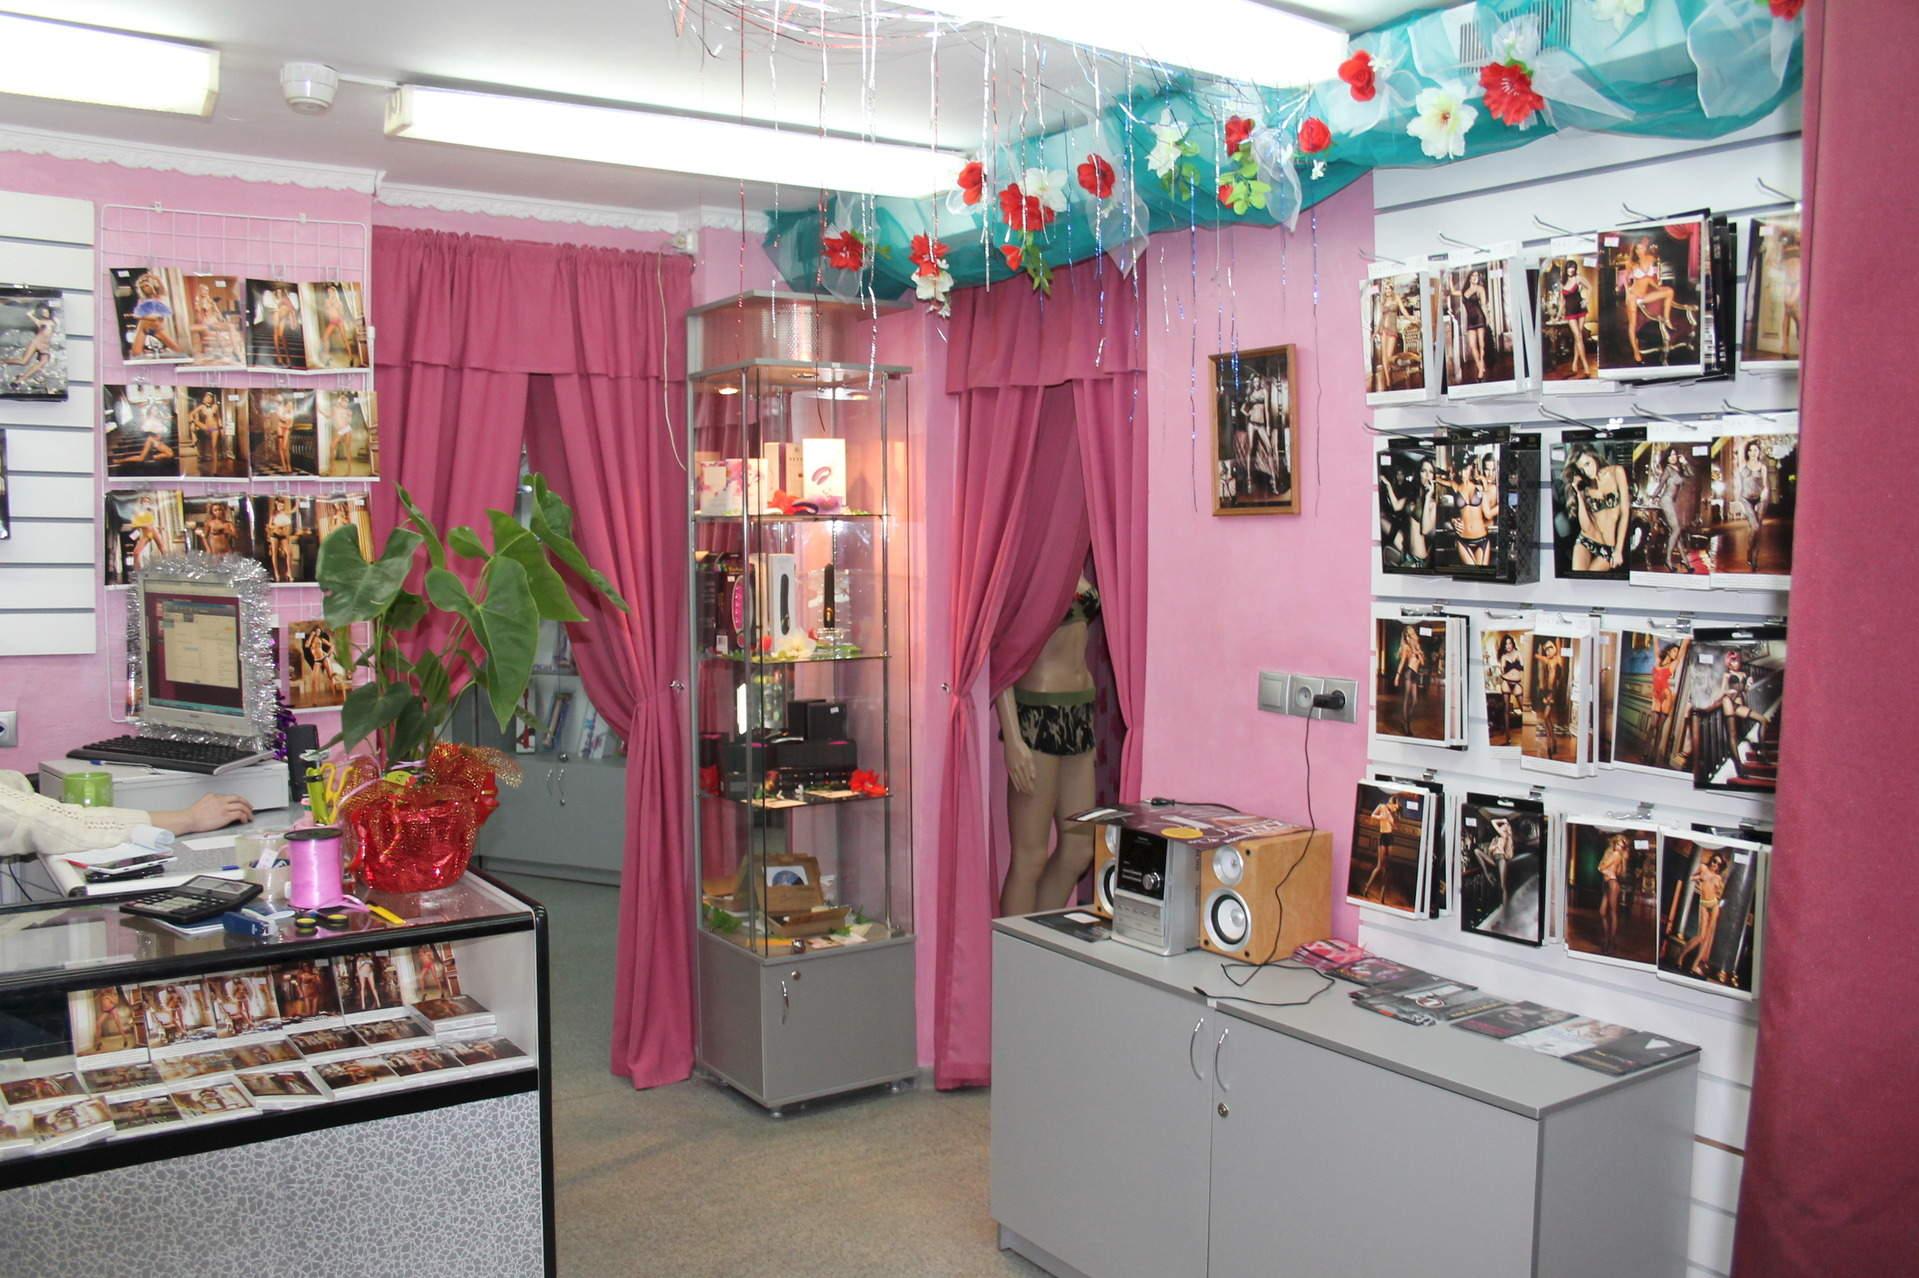 Адреса магазинов интим товаров 17 фотография